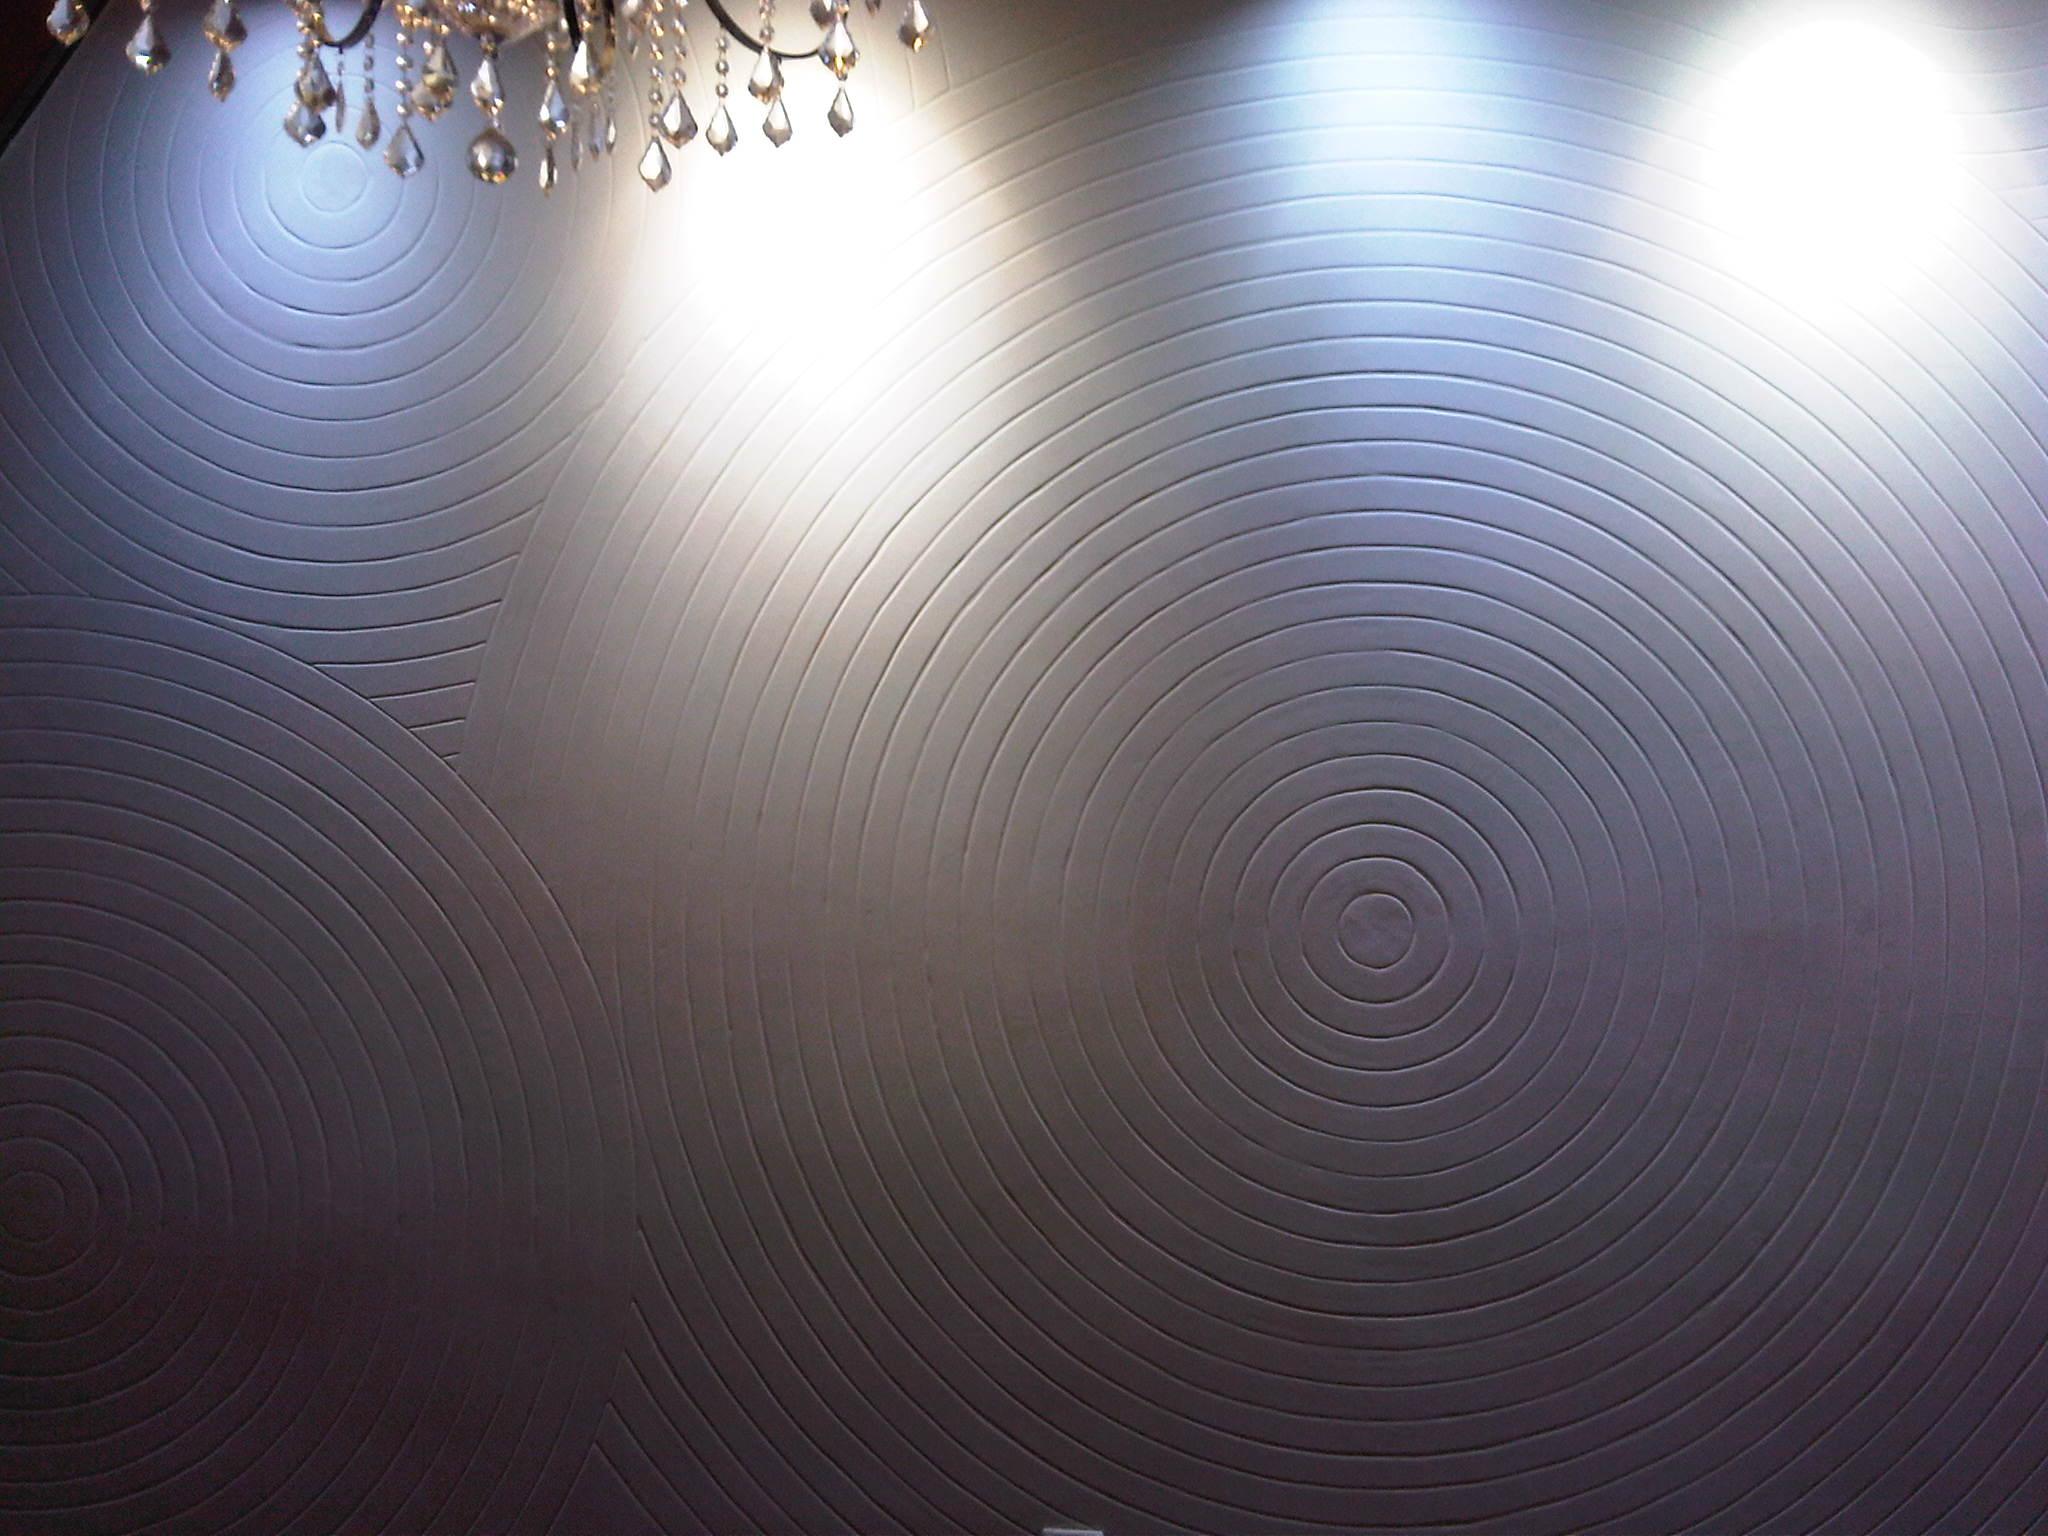 会呼吸的墙--硅藻泥来自海洋生物的纯天然原料